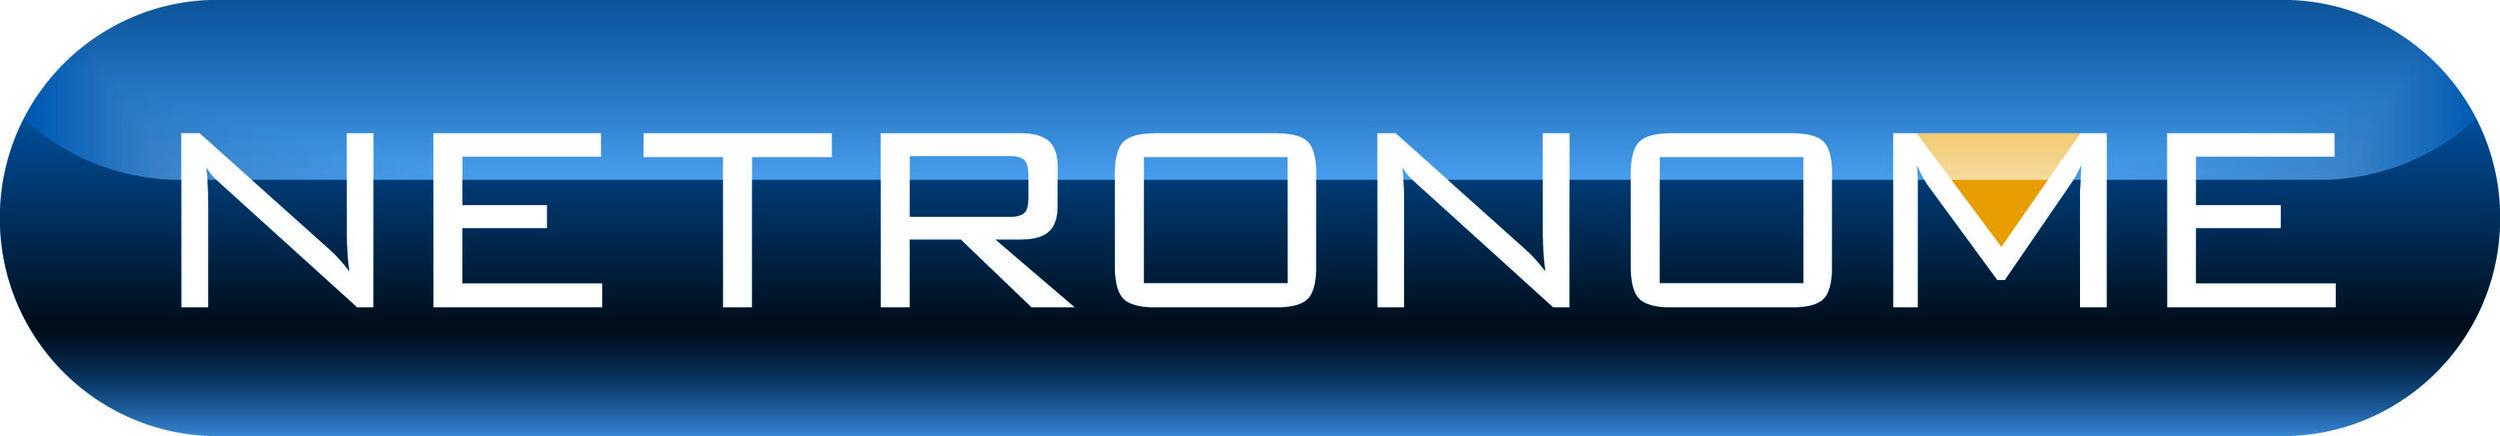 netronome-color-logo-2015.jpg